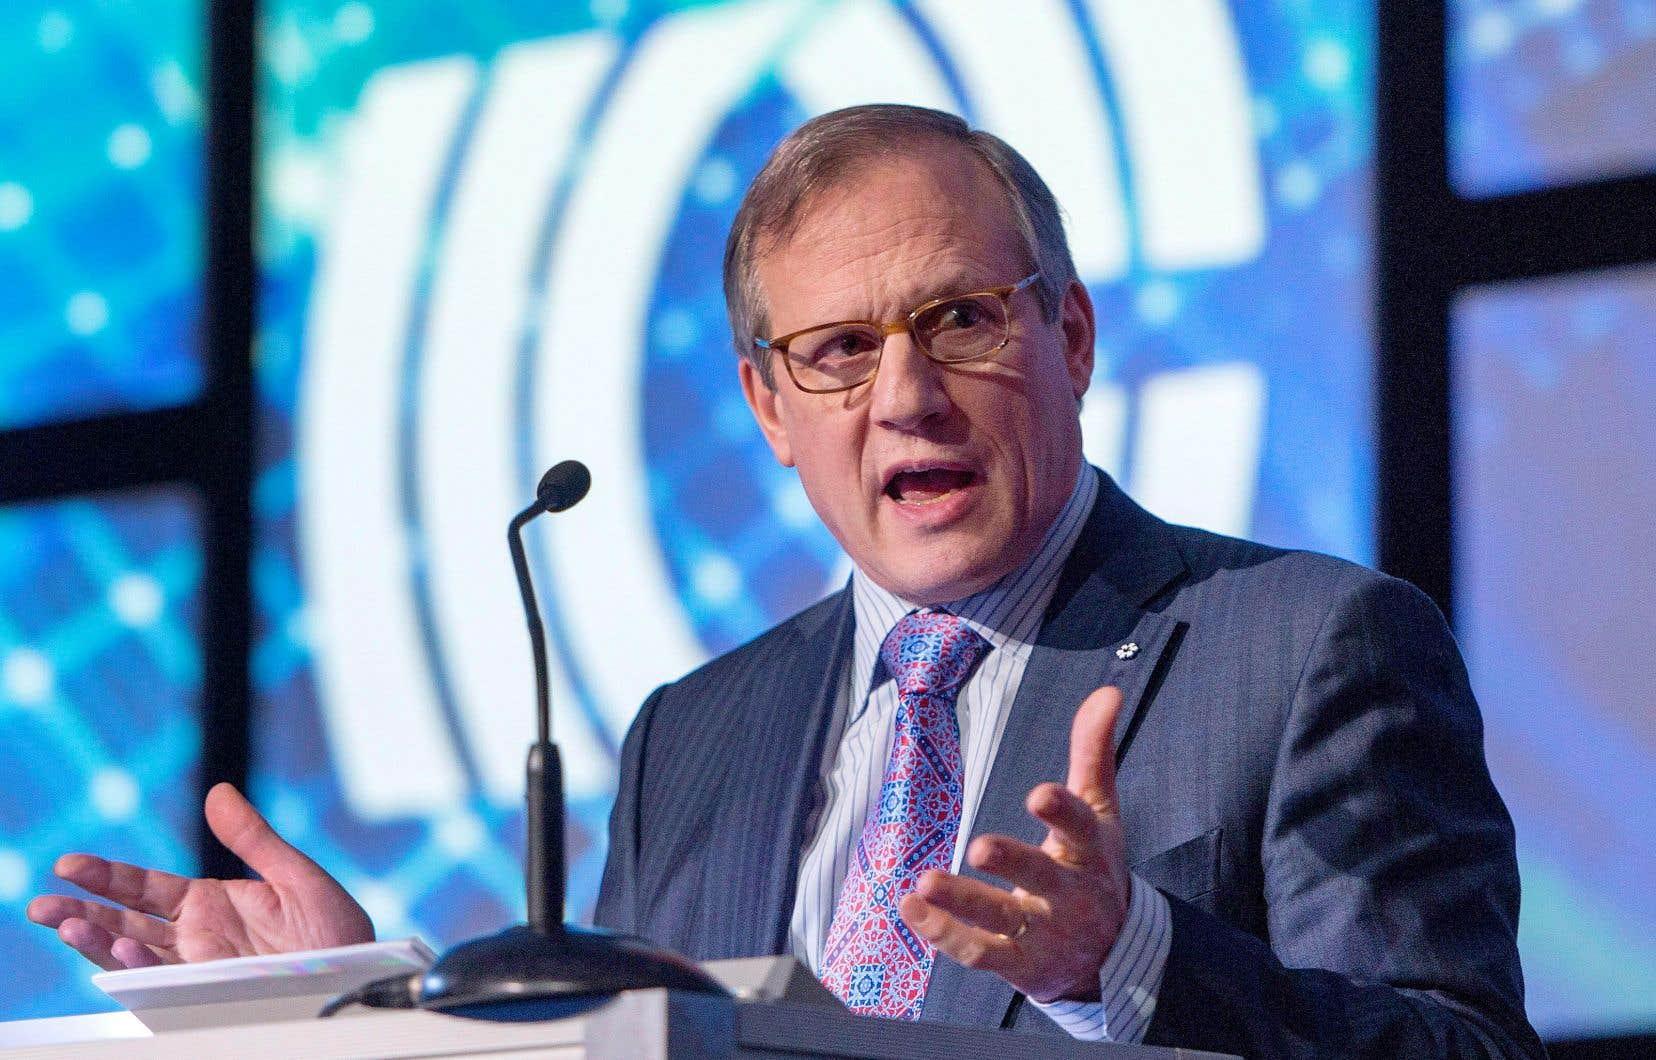 Louis Audet, président exécutif du conseil d'administration de Cogeco Communications. Connue pour son réseau de câblodistribution, l'entreprise est également présente dans la téléphonie sans fil et l'accès Internet, et elle détient 23 stations de radio au Québec.